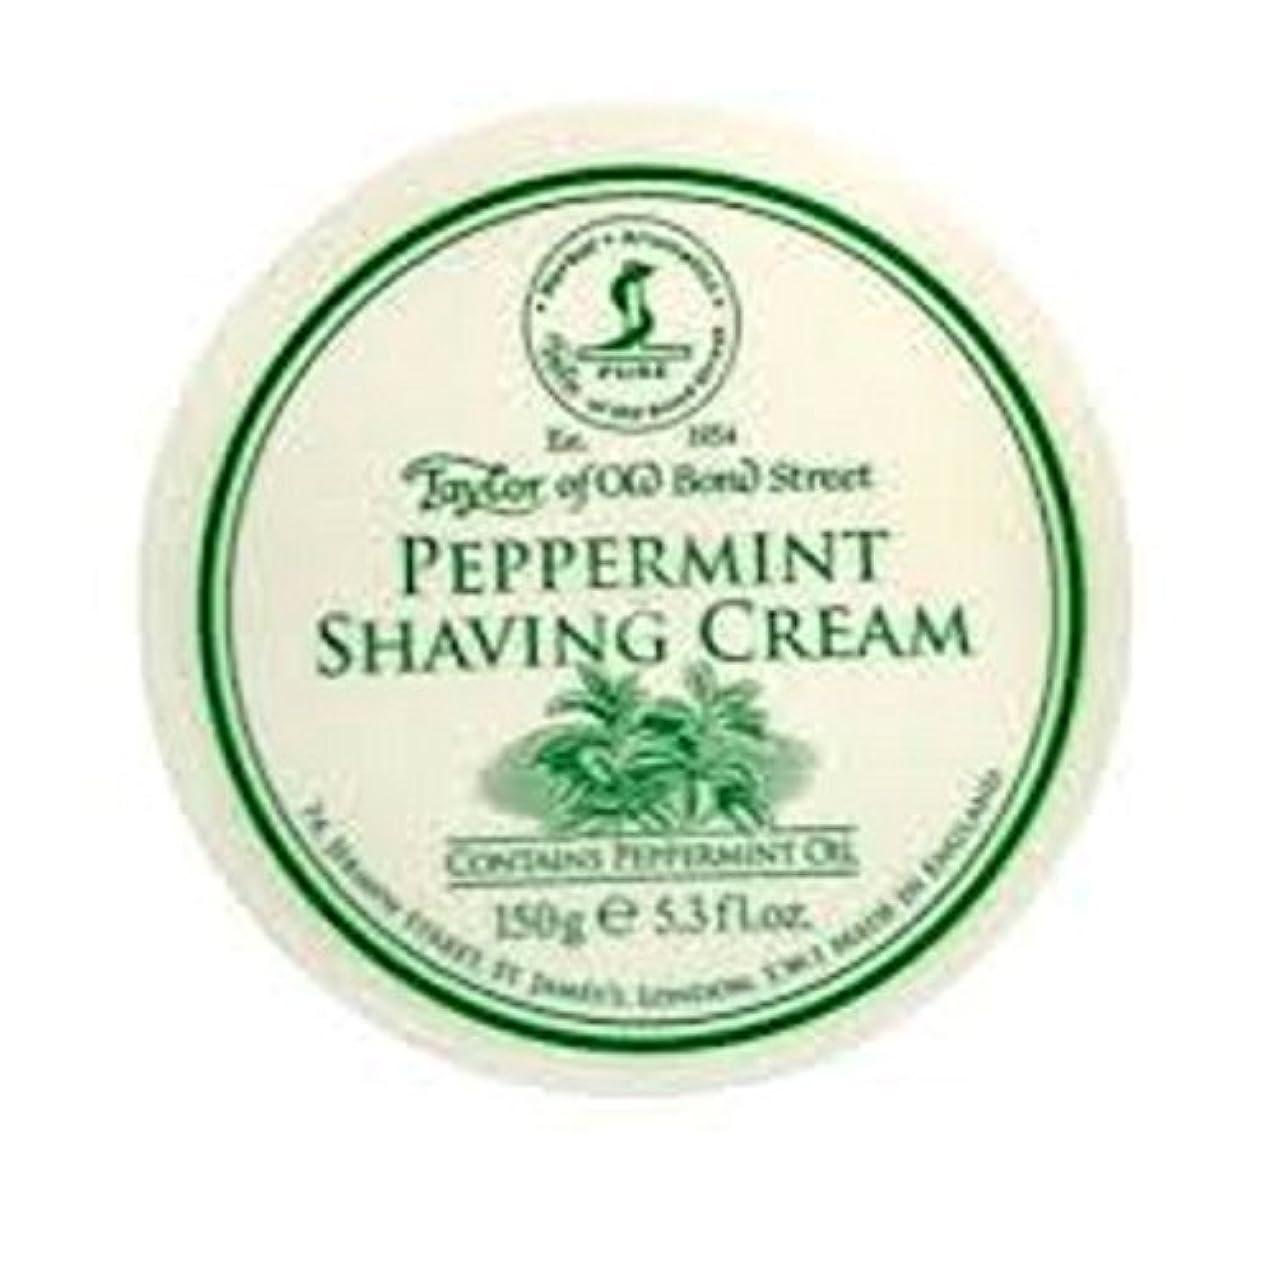 スキーム回転する飽和するTaylors of Old Bond Street 150g Traditional Shaving Cream Tub (Peppermint) by Taylor of Old Bond Street